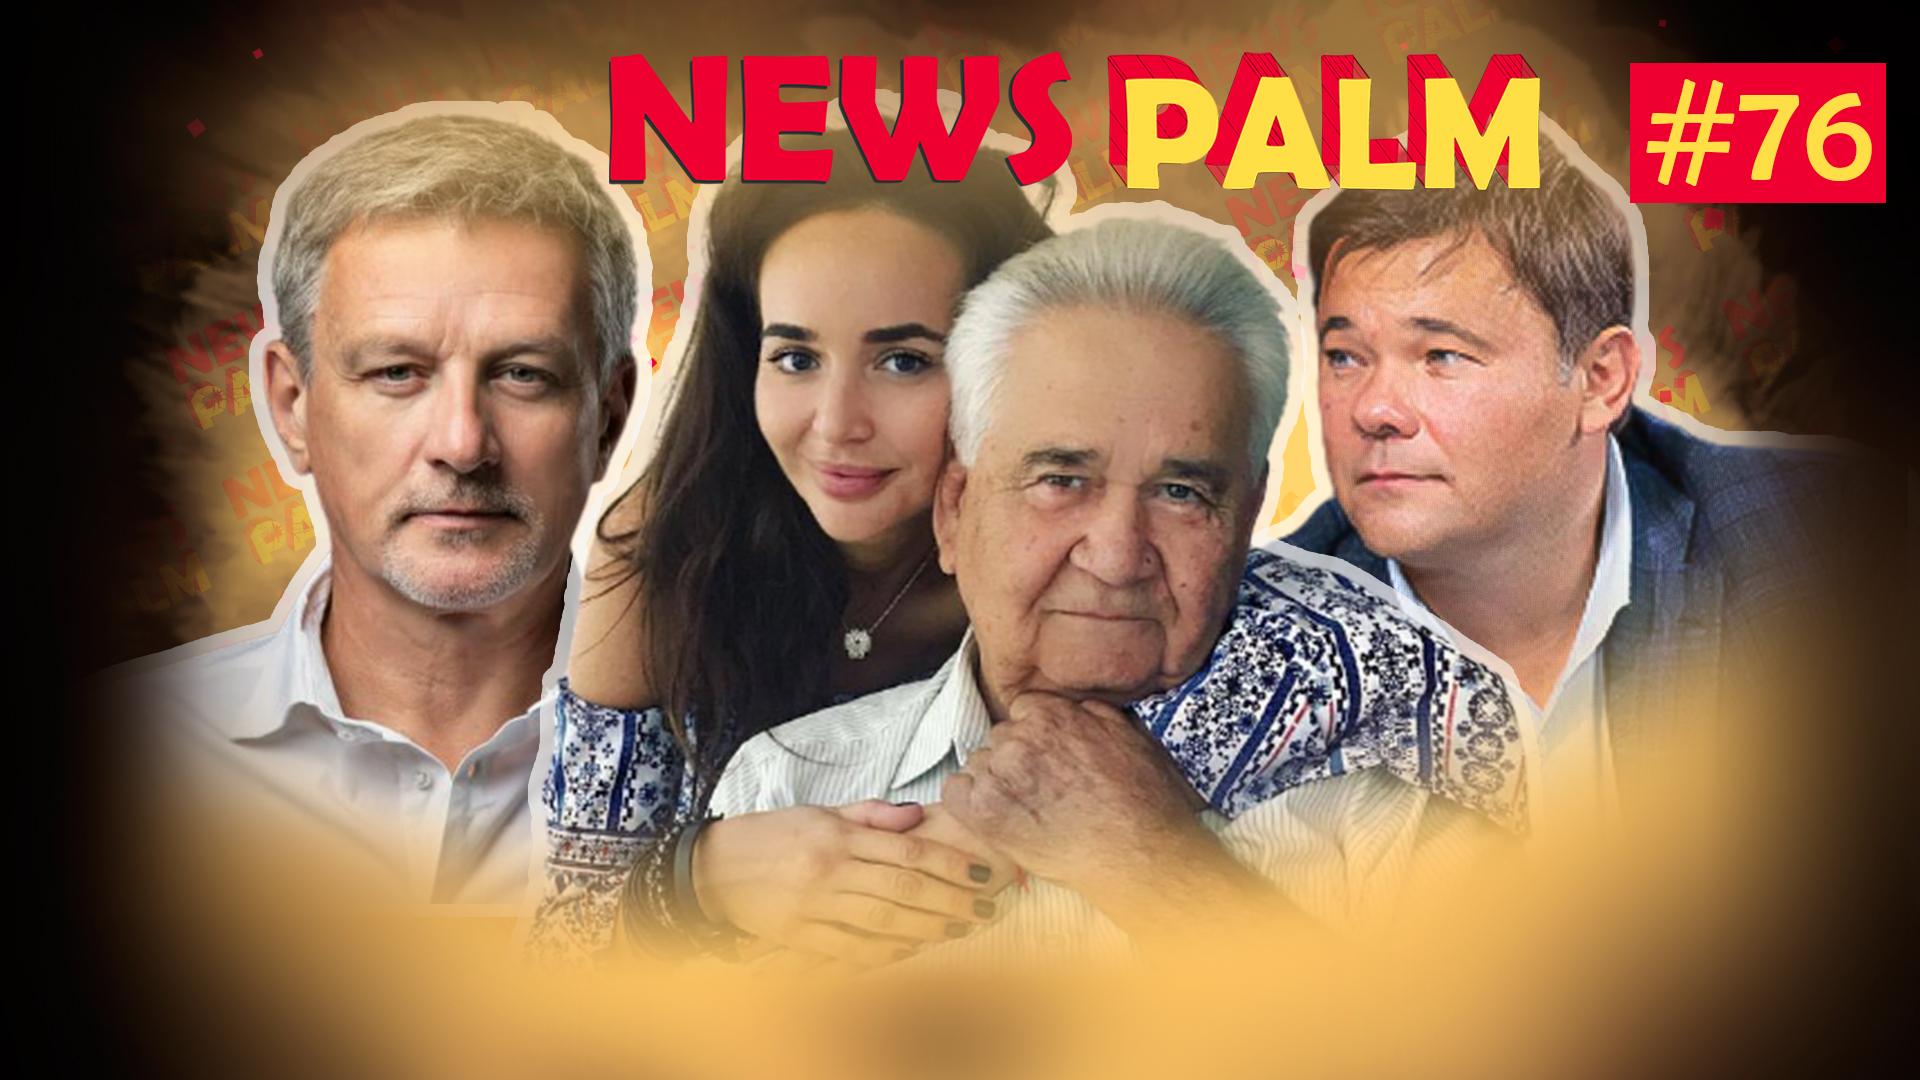 Богдан, Пальчевський, онучка Фокіна та коза Ющенка / Ньюспалм #76